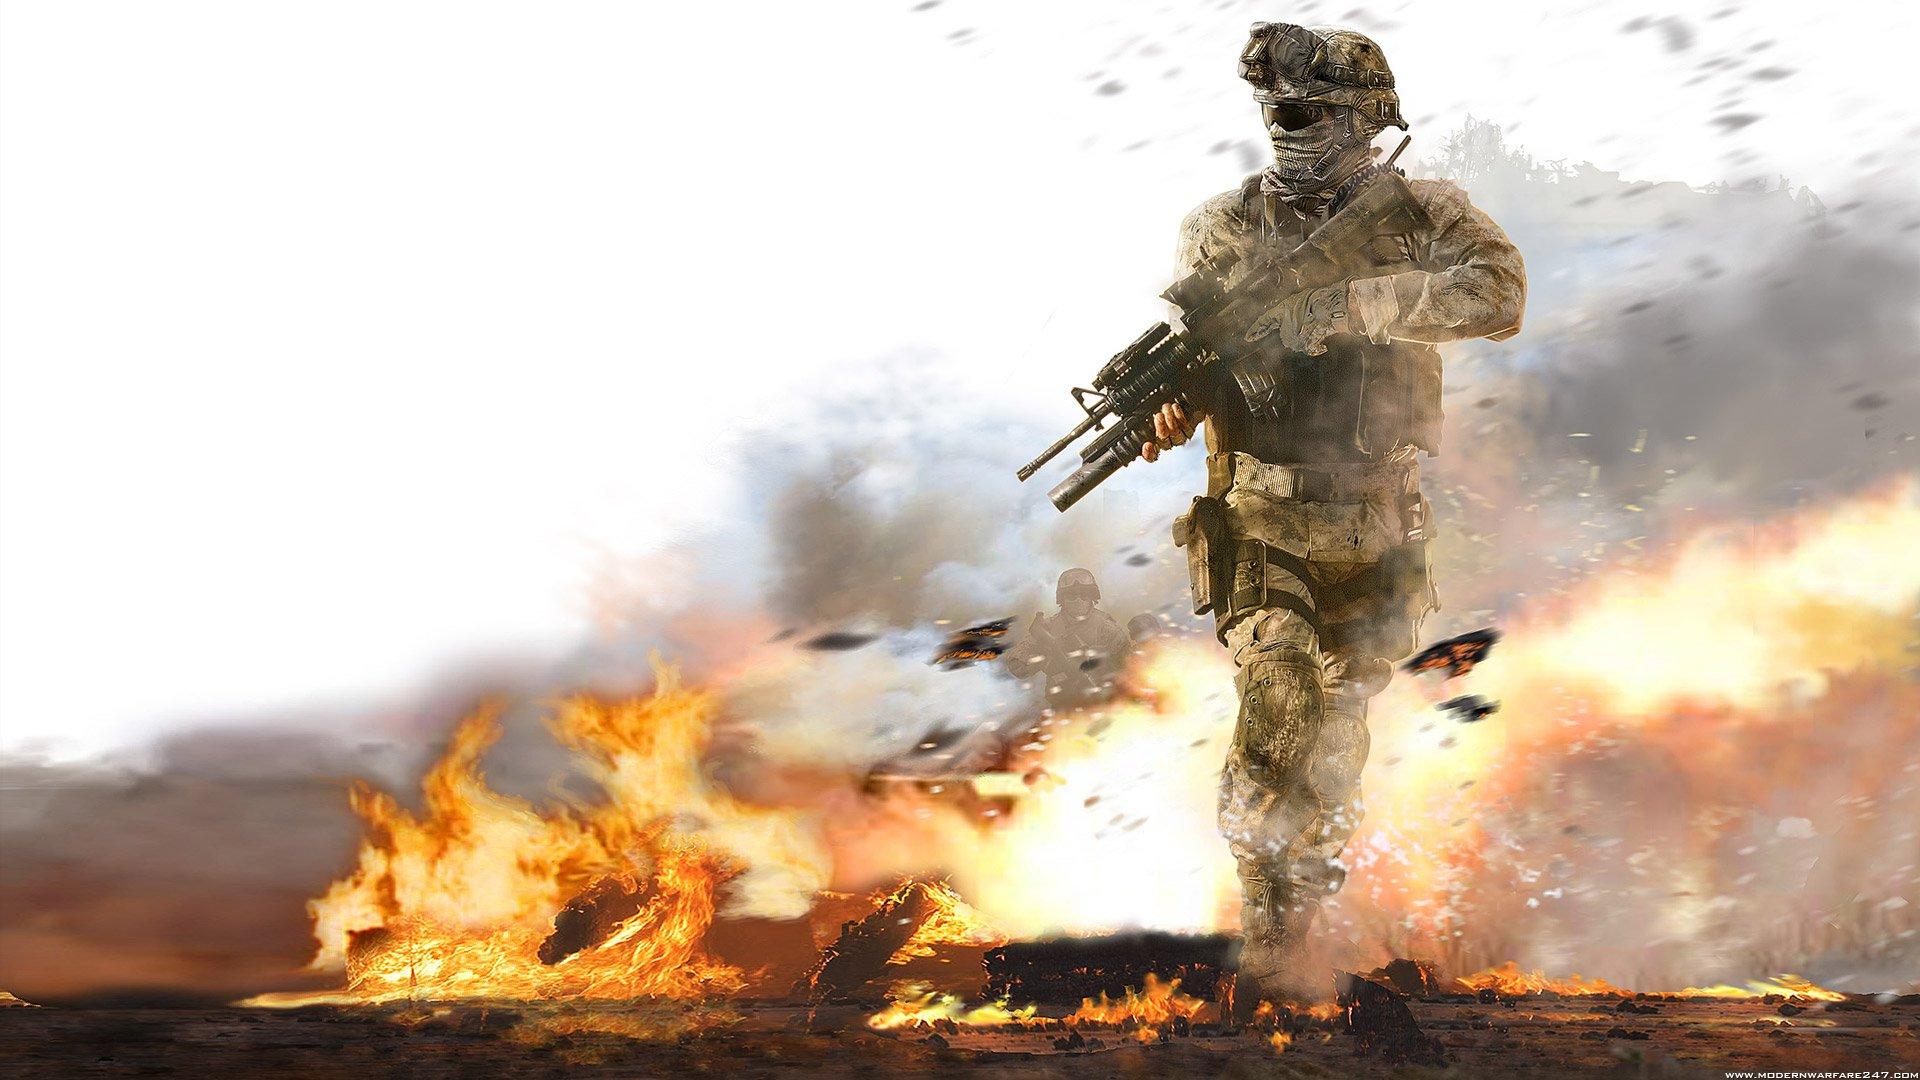 modern_warfare_2_fire_490